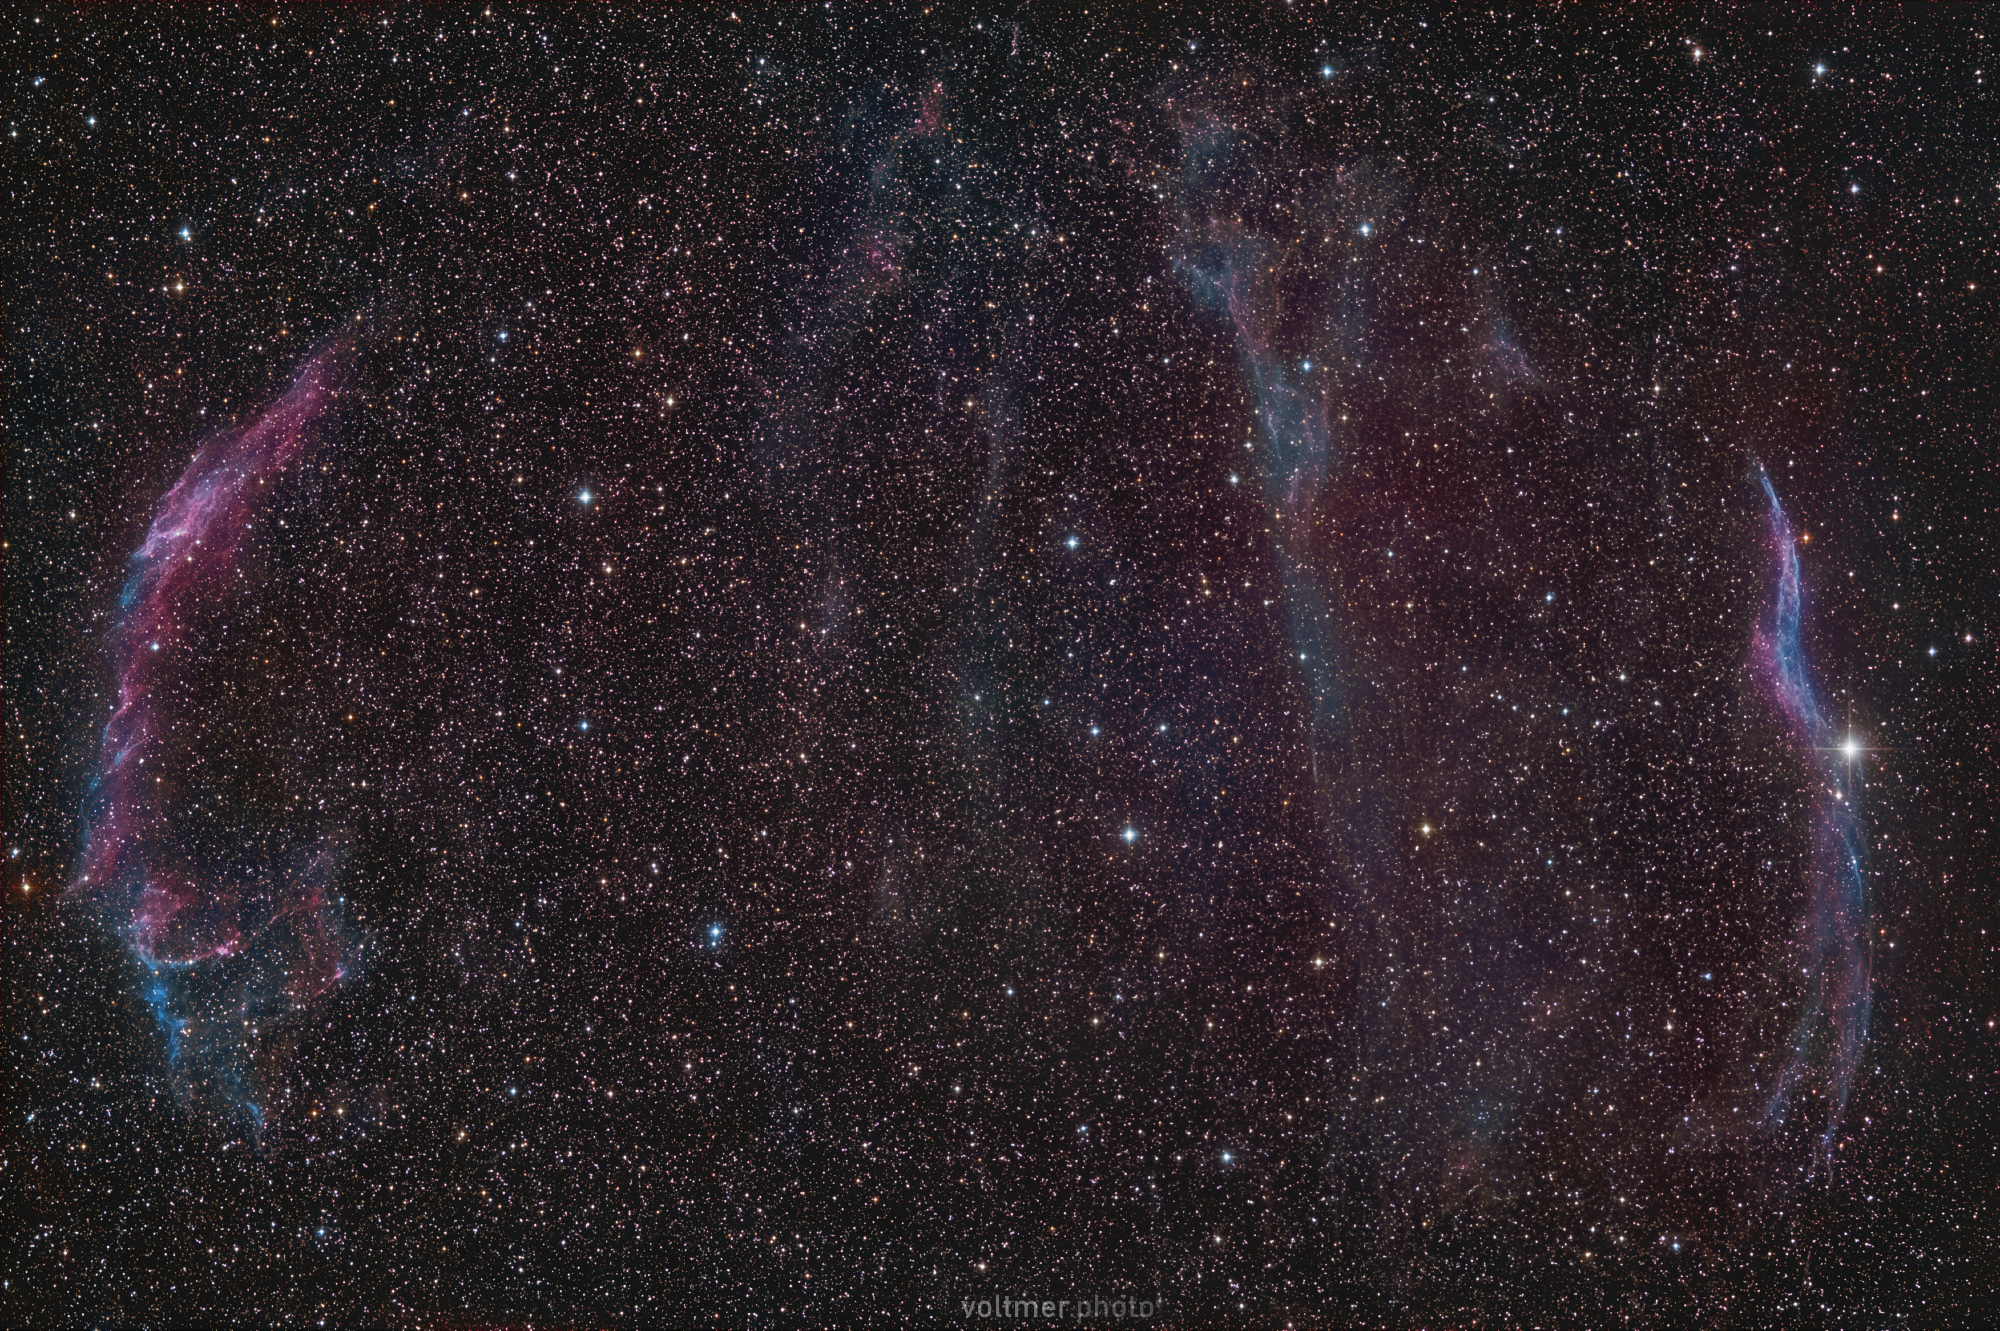 Cirrus-Nebel-Komplex im Sternbild Schwan. Die Region passt mit einem RASA 8 und einem APS-C-Sensor vollständig ins Bild. Belichtet wurde rund 70 Minuten (141 x 30 s) mit einer Fujifilm X-T3 (ISO 800) am Celestron RASA 8. Aufnahmeort: Spicherer H??he bei Saarbrücken. Cirrus-Nebel-Komplex im Sternbild Schwan. Die Region passt mit einem RASA 8 und einem APS-C-Sensor vollsttändig ins Bild. Belichtet wurde rund 70 Minuten (141 x 30 s) mit einer Fujifilm X-T3 (ISO 800) am Celestron RASA 8. Aufnahmeort: Spicherer Höhe bei Saarbrücken.